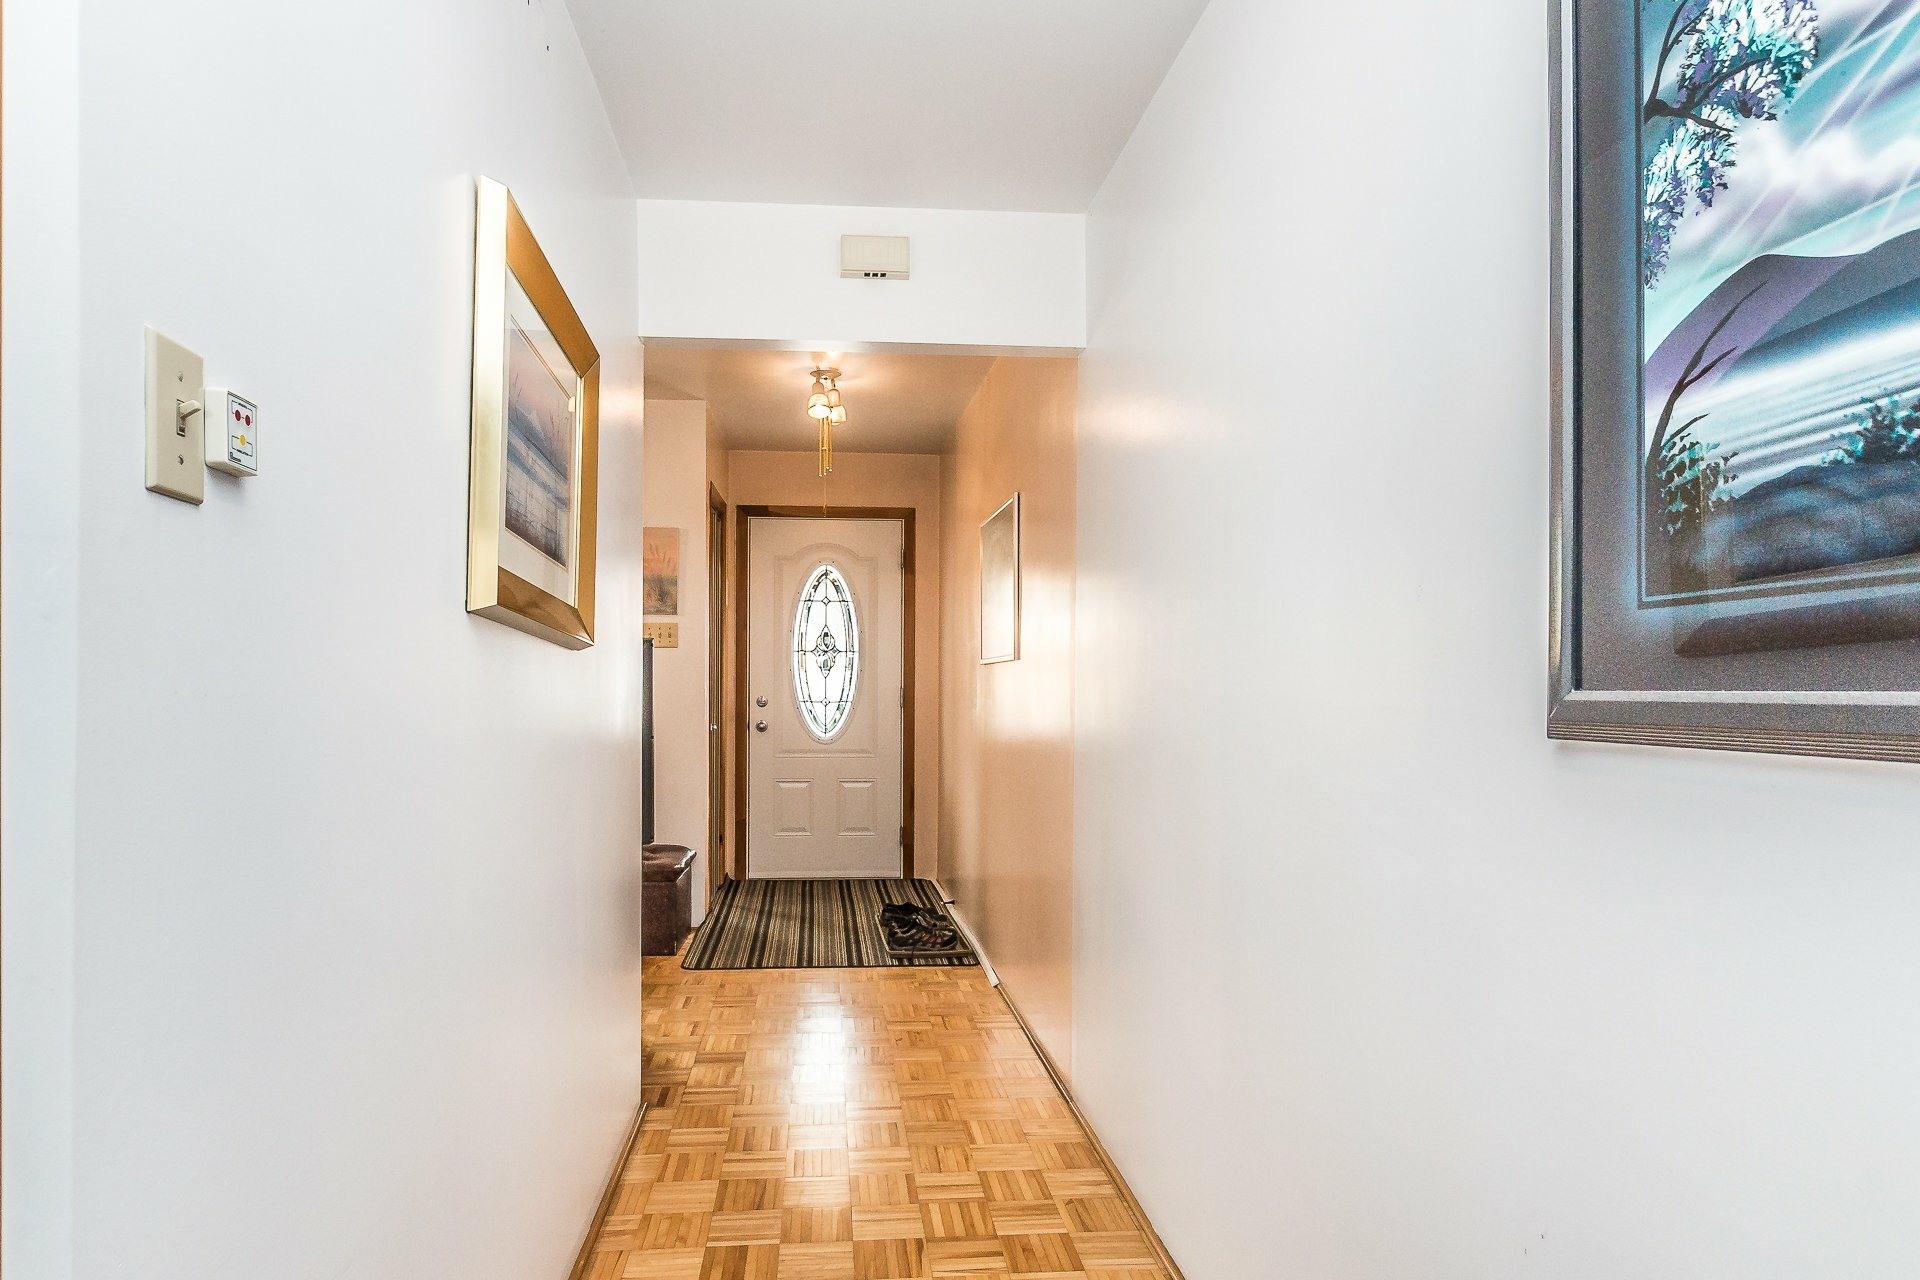 image 9 - 复式 出售 Montréal Lachine  - 3 室